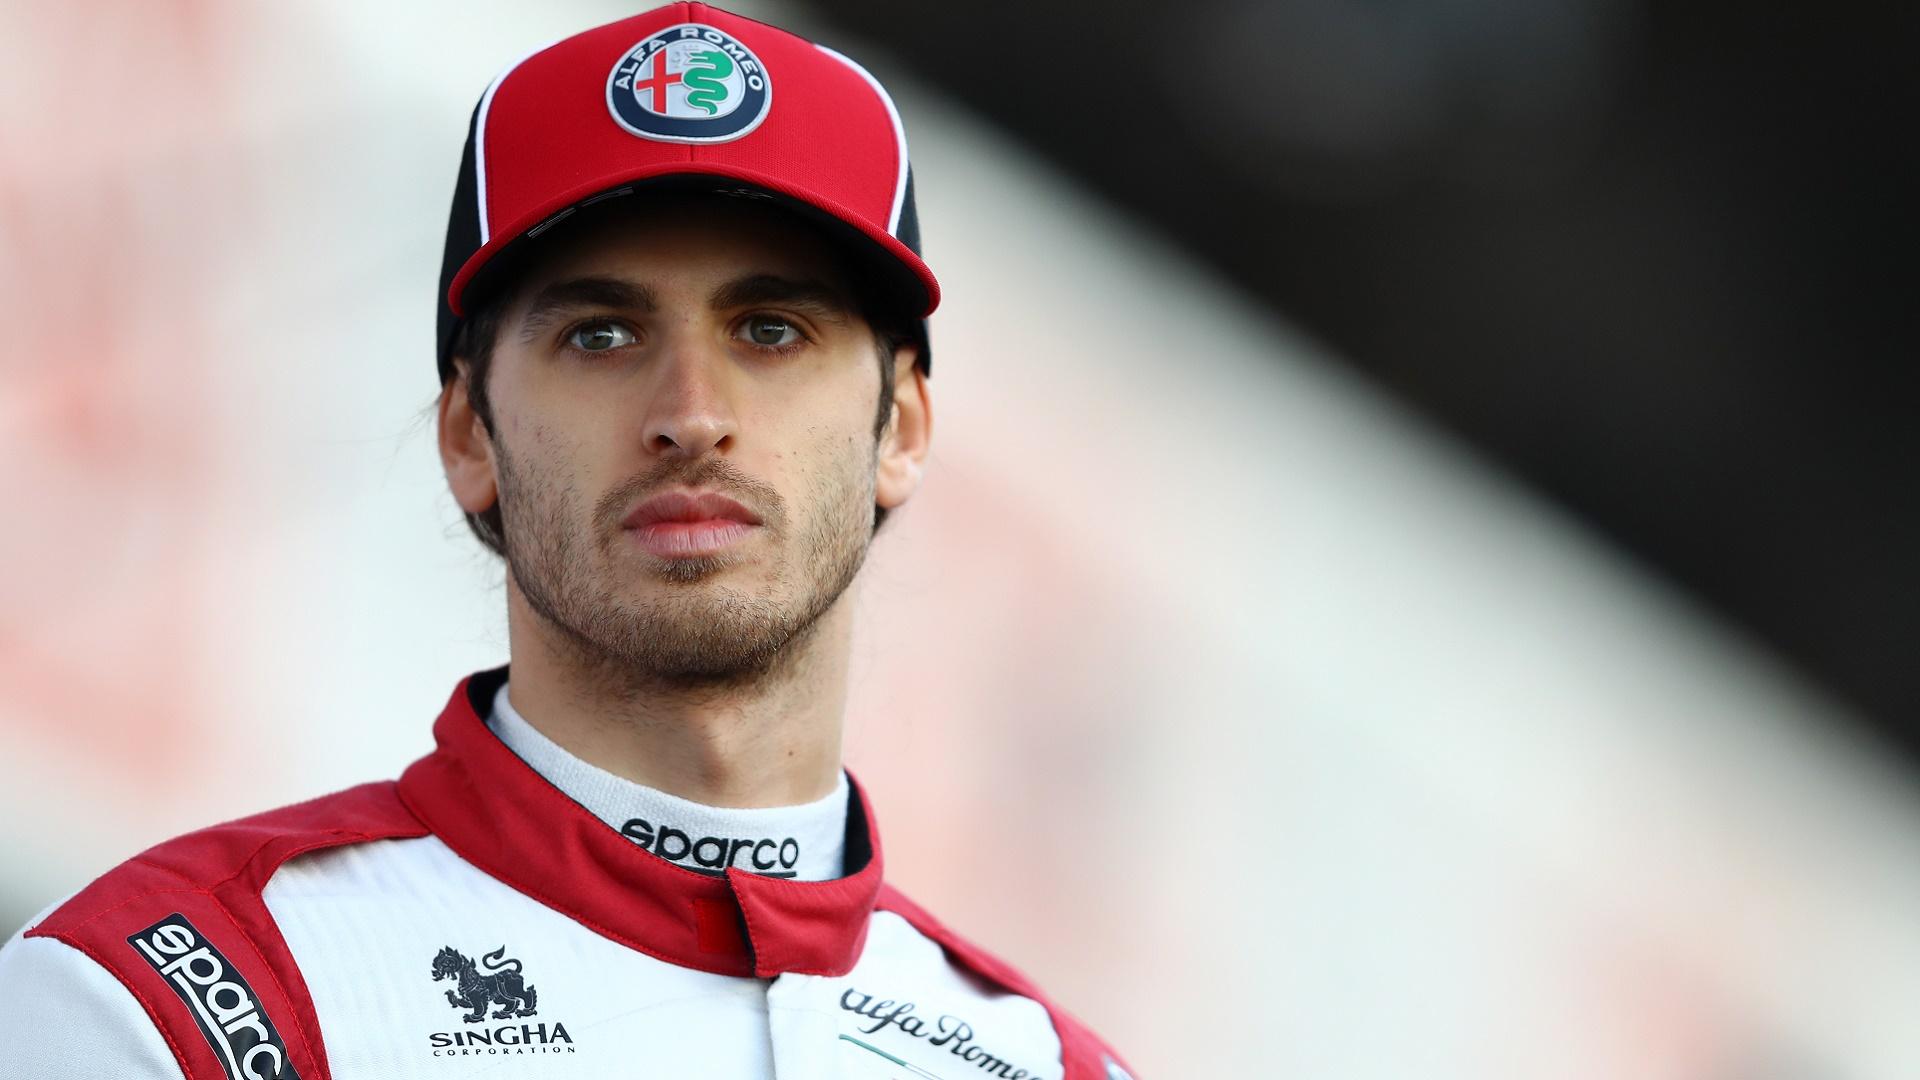 2020-06-30 Formula 1 F1 Giovinazzi AlfaRomeo